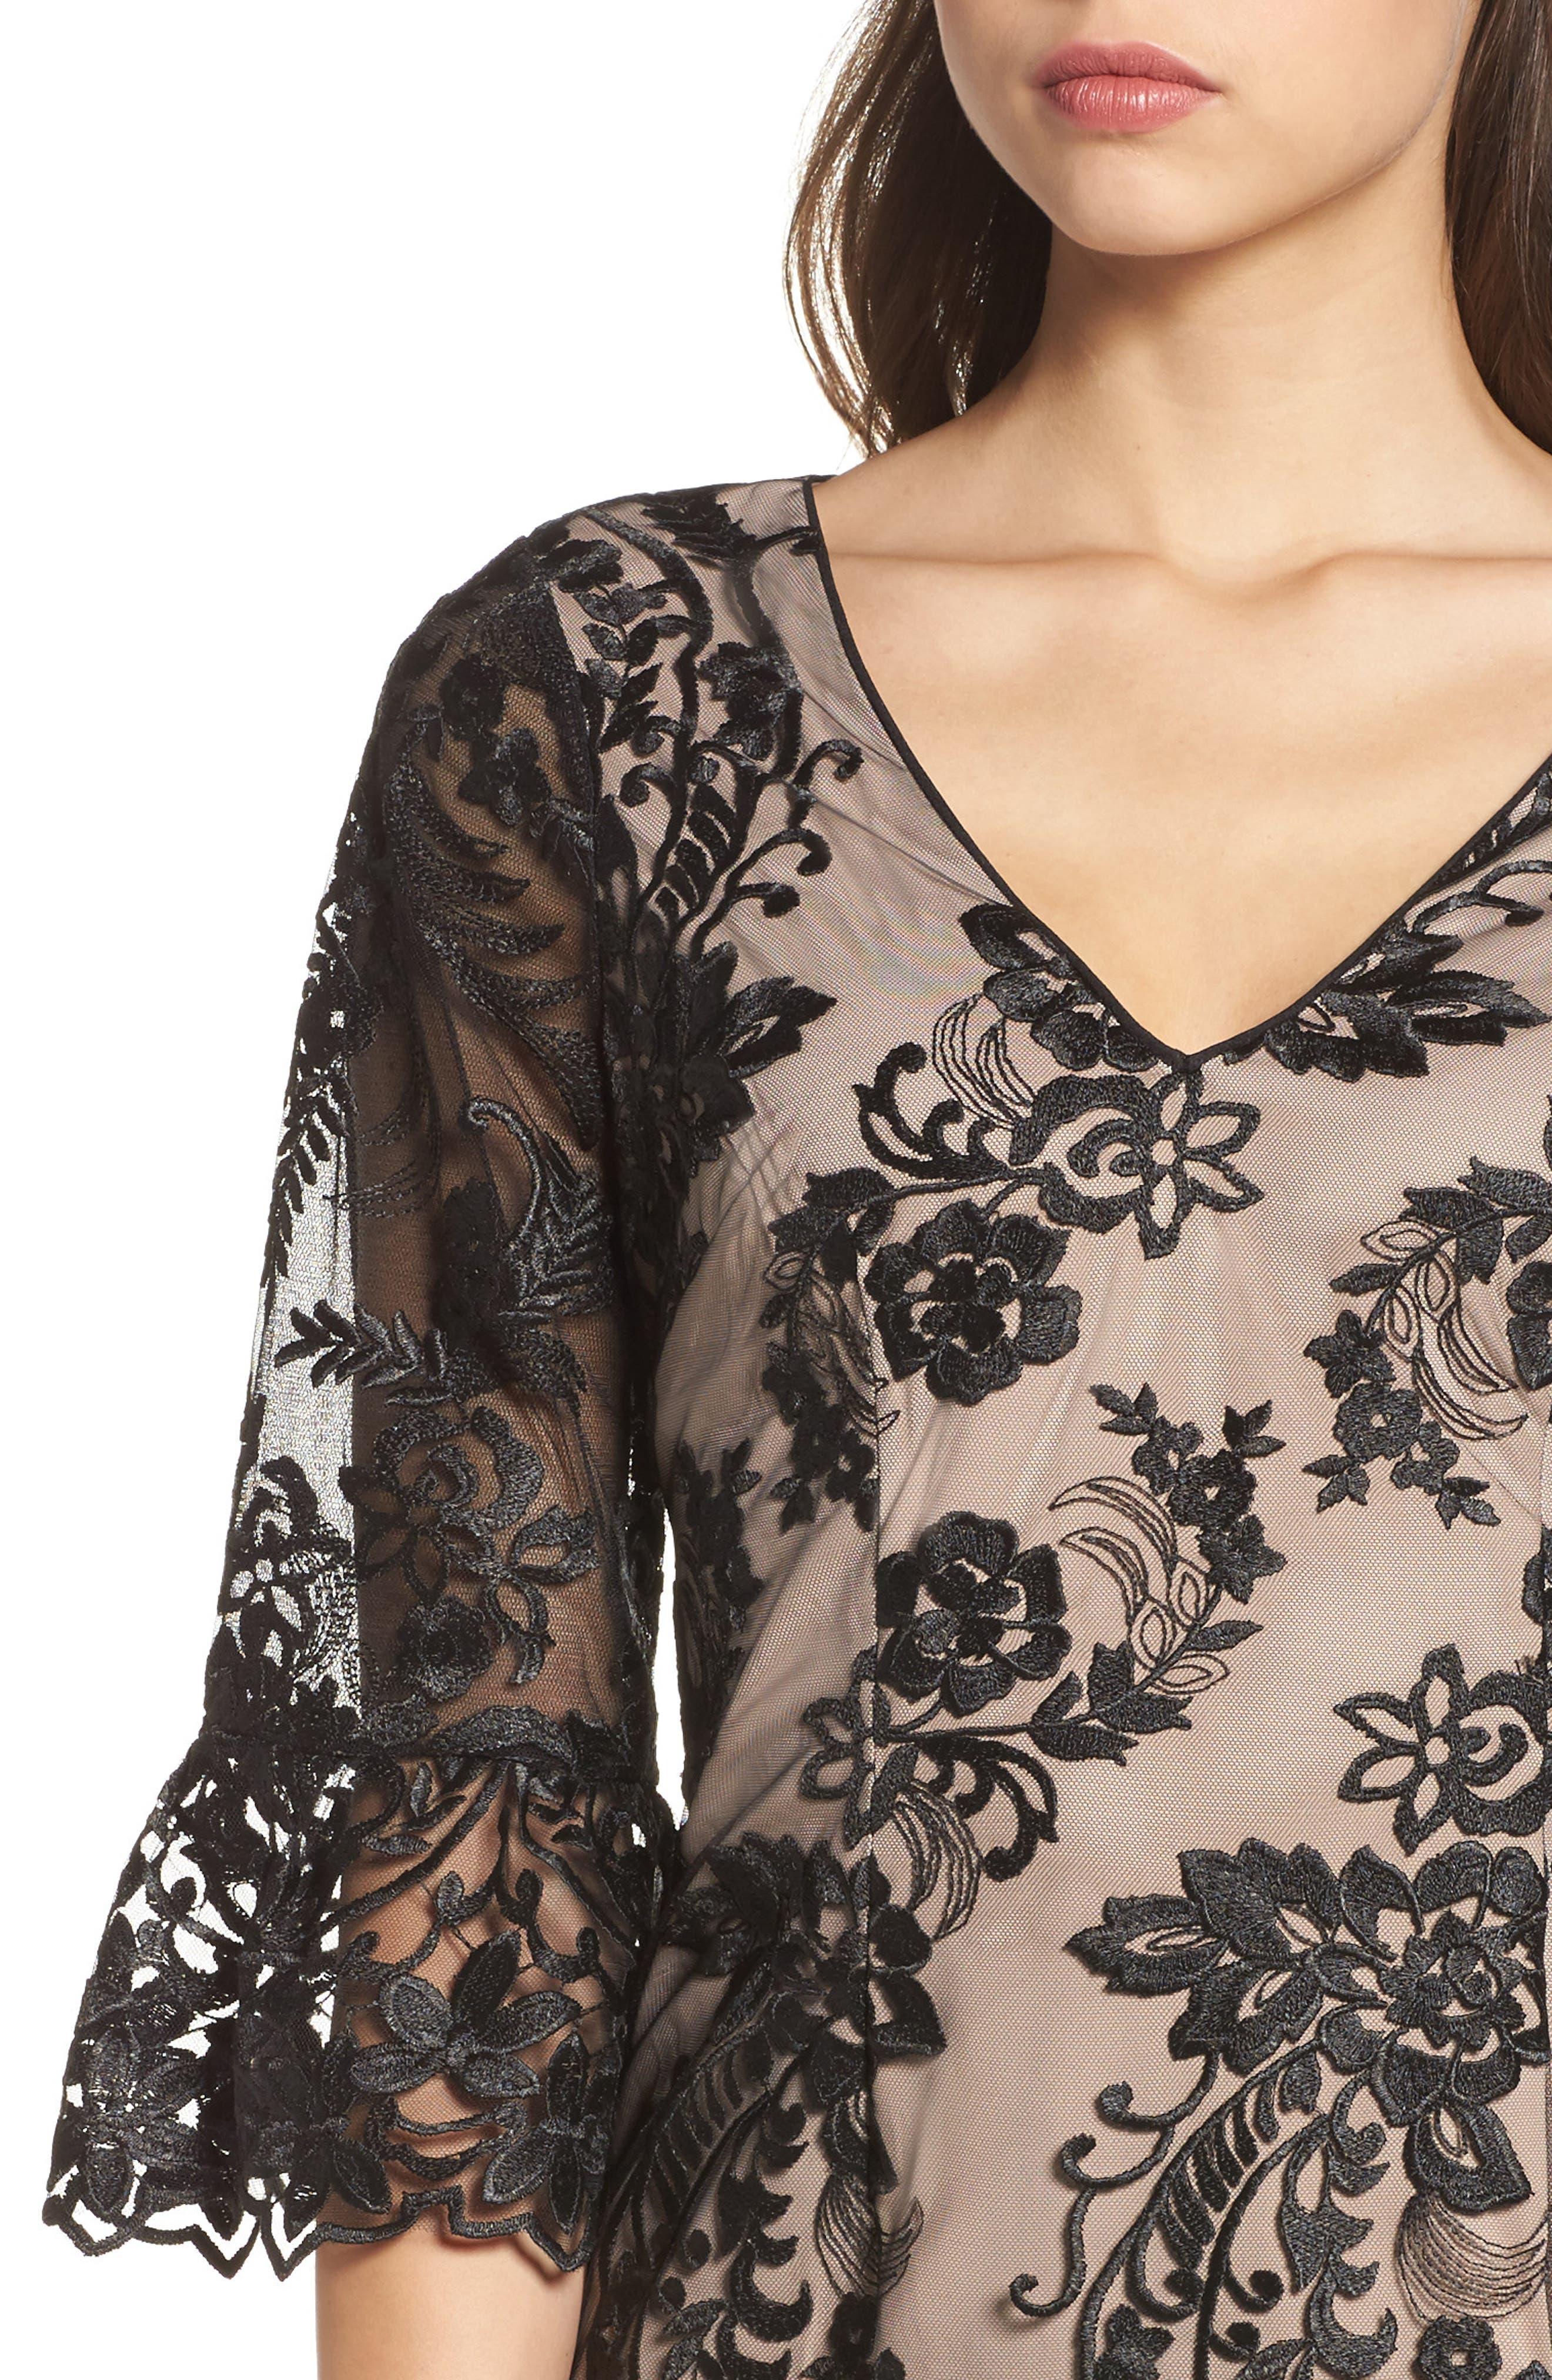 Eillen Embroidered Lace Dress,                             Alternate thumbnail 4, color,                             Black/ Bisque